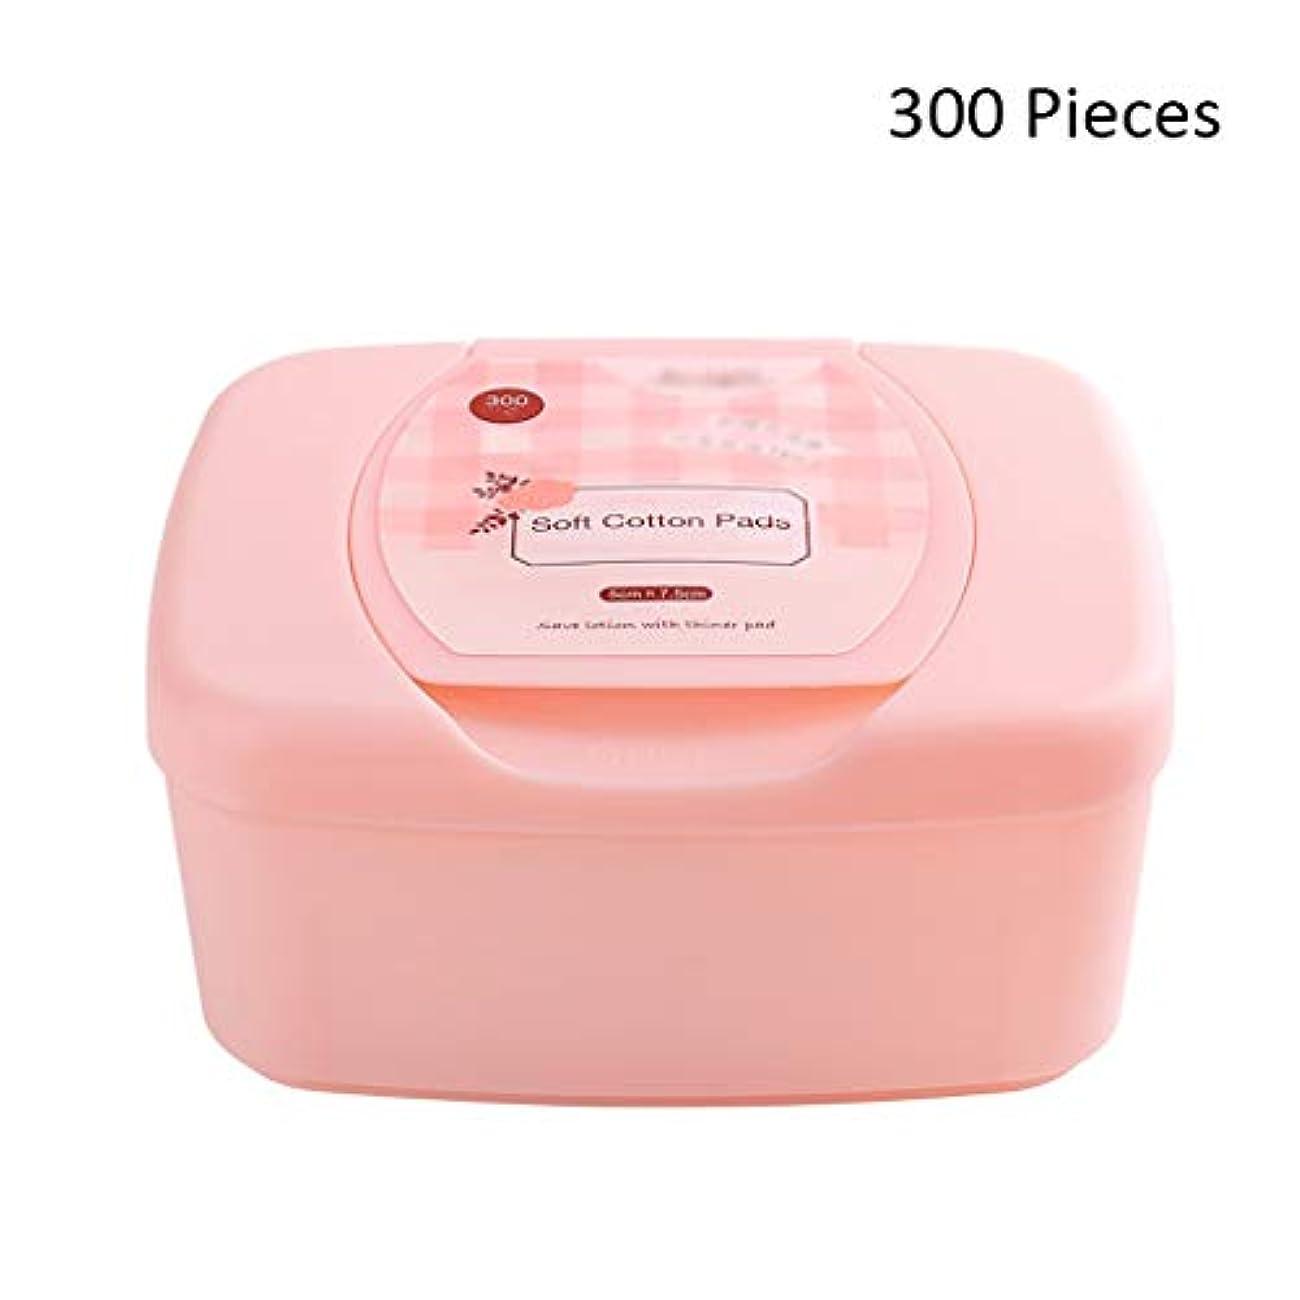 エーカーハウスパトロールクレンジングシート 300ピースフェイスメイクアップリムーバーフェイシャルコットンワイプフェイスクレンジングパフネイルポリッシュリムーバーリムーバブルスキンケアパッド 落ち水クレンジング シート モイスト (Color : Pink)